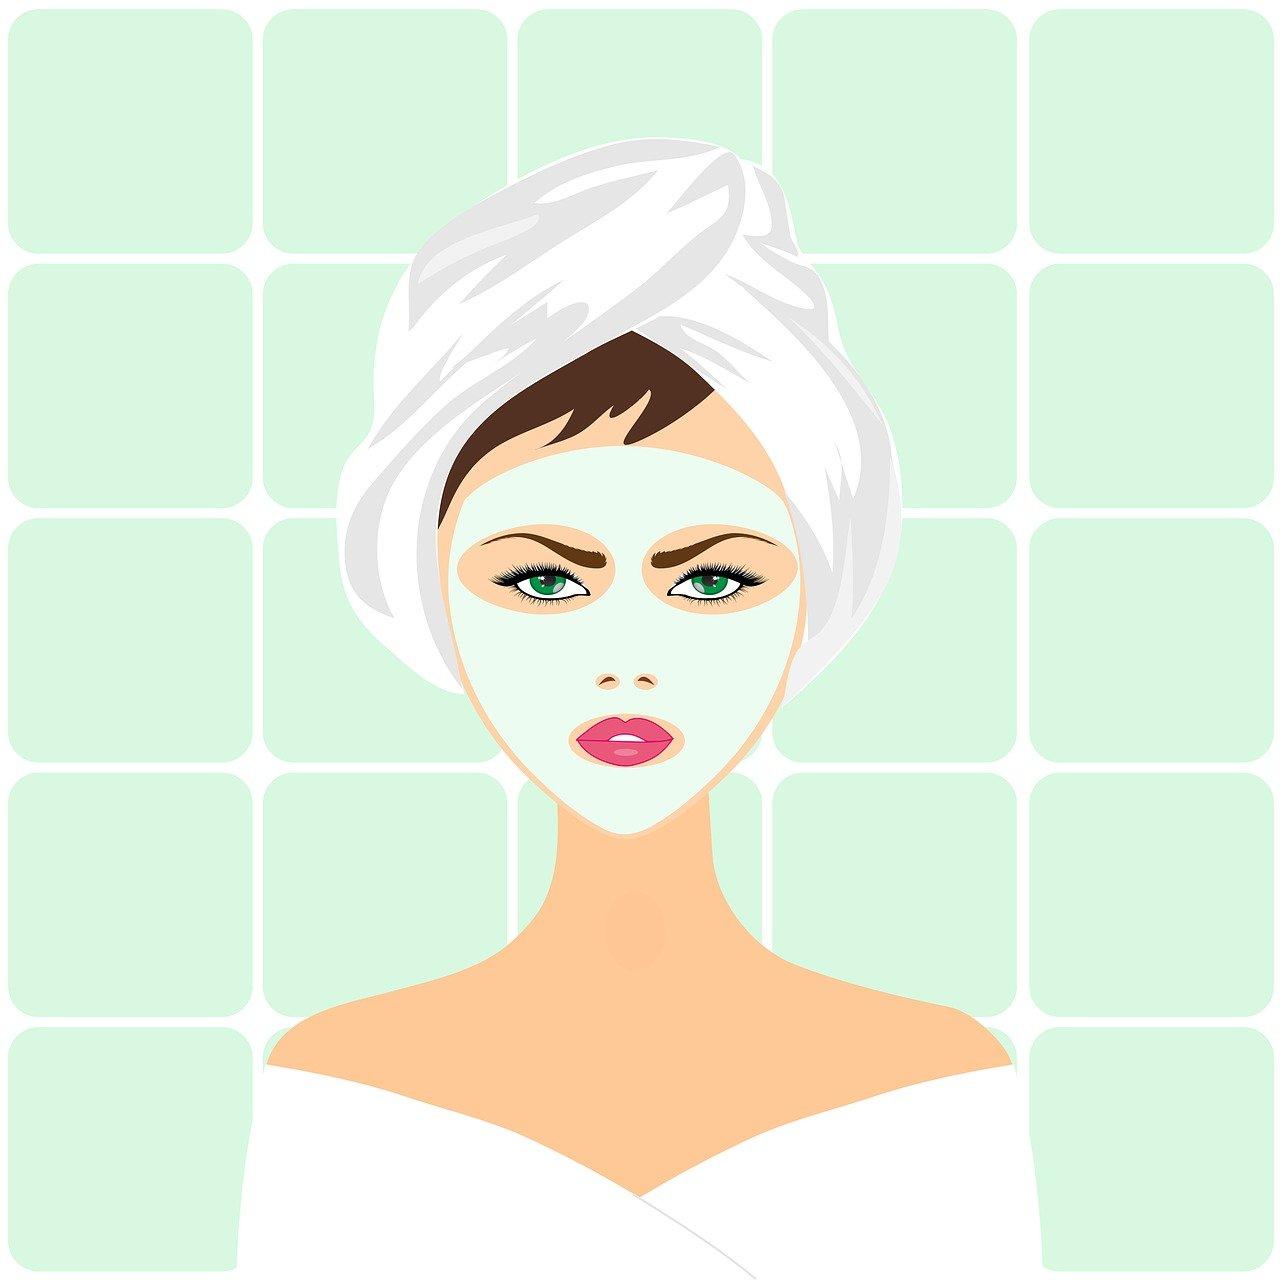 40代向け化粧水の人気おすすめランキング20選【乾燥肌やエイジレスな肌に】